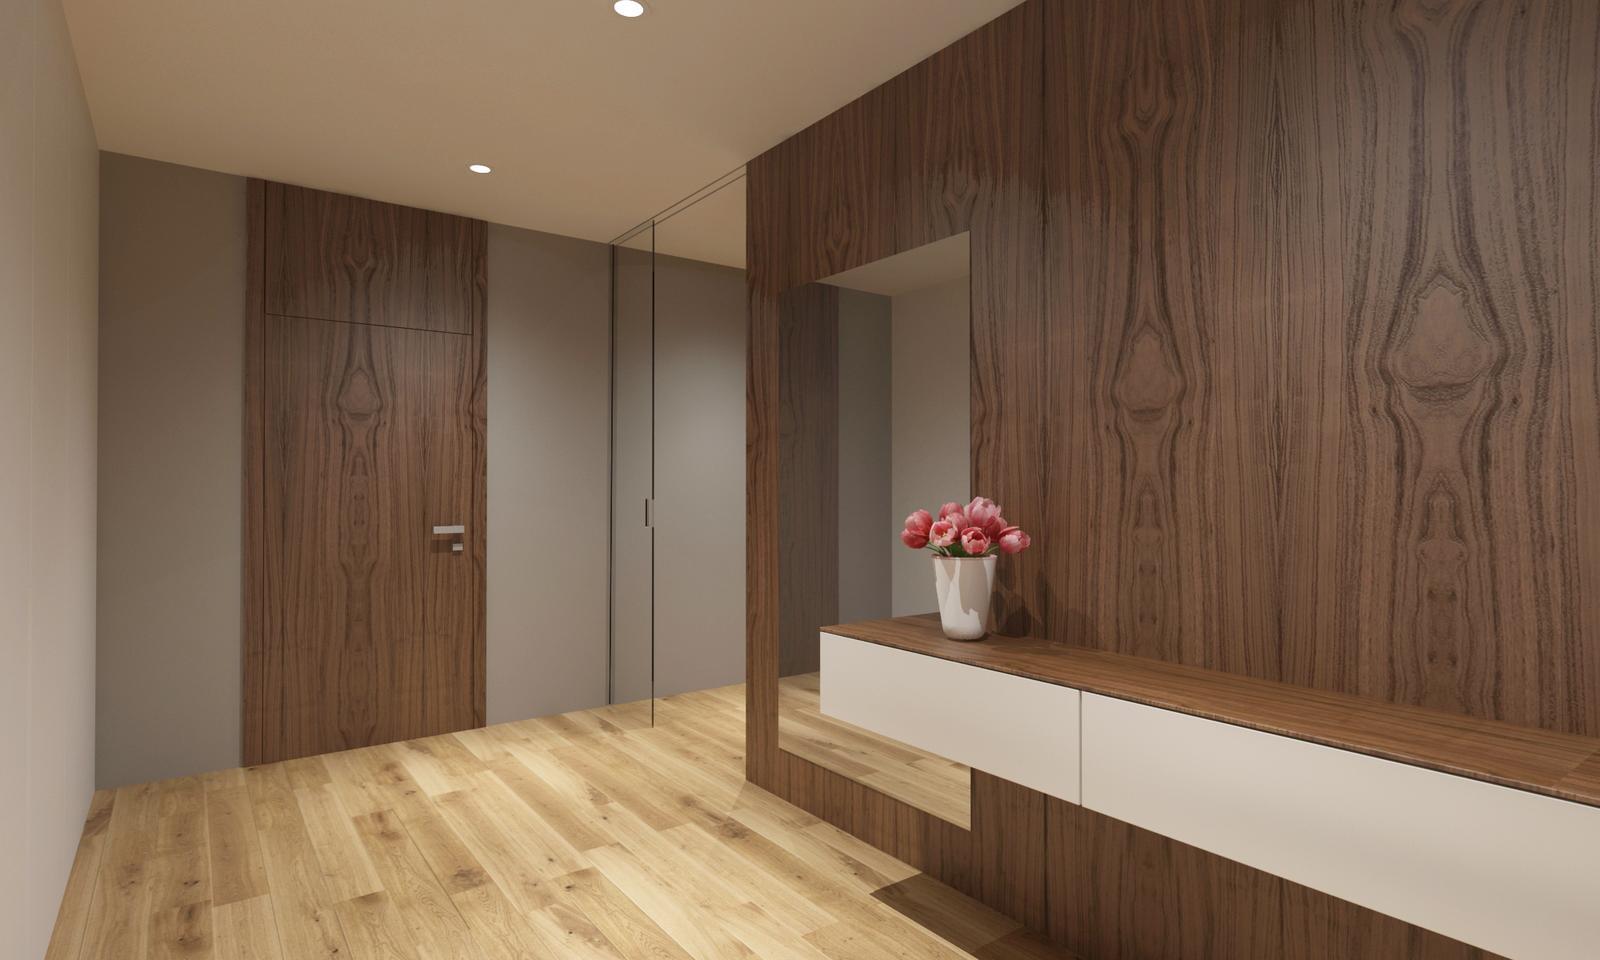 Návrh interiéru bytu - Interiér bytu v orechovom prevedení - vstupná chodba s dýhovaným orechovým obkladom a interiérovými dverami so zvýšenou zárubňou